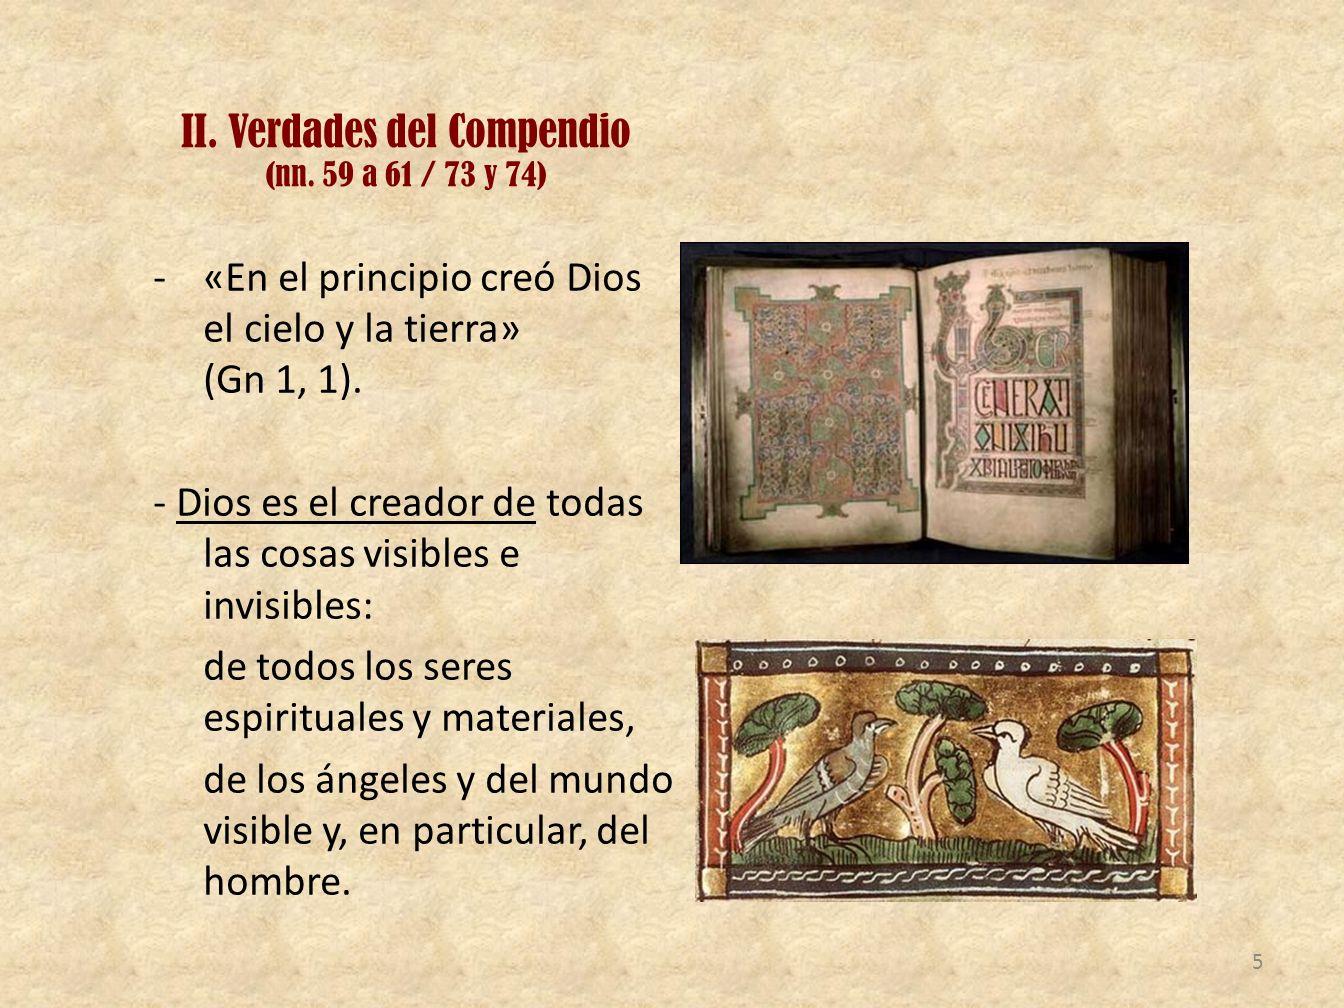 II. Verdades del Compendio (nn. 59 a 61 / 73 y 74) -«En el principio creó Dios el cielo y la tierra» (Gn 1, 1). - Dios es el creador de todas las cosa